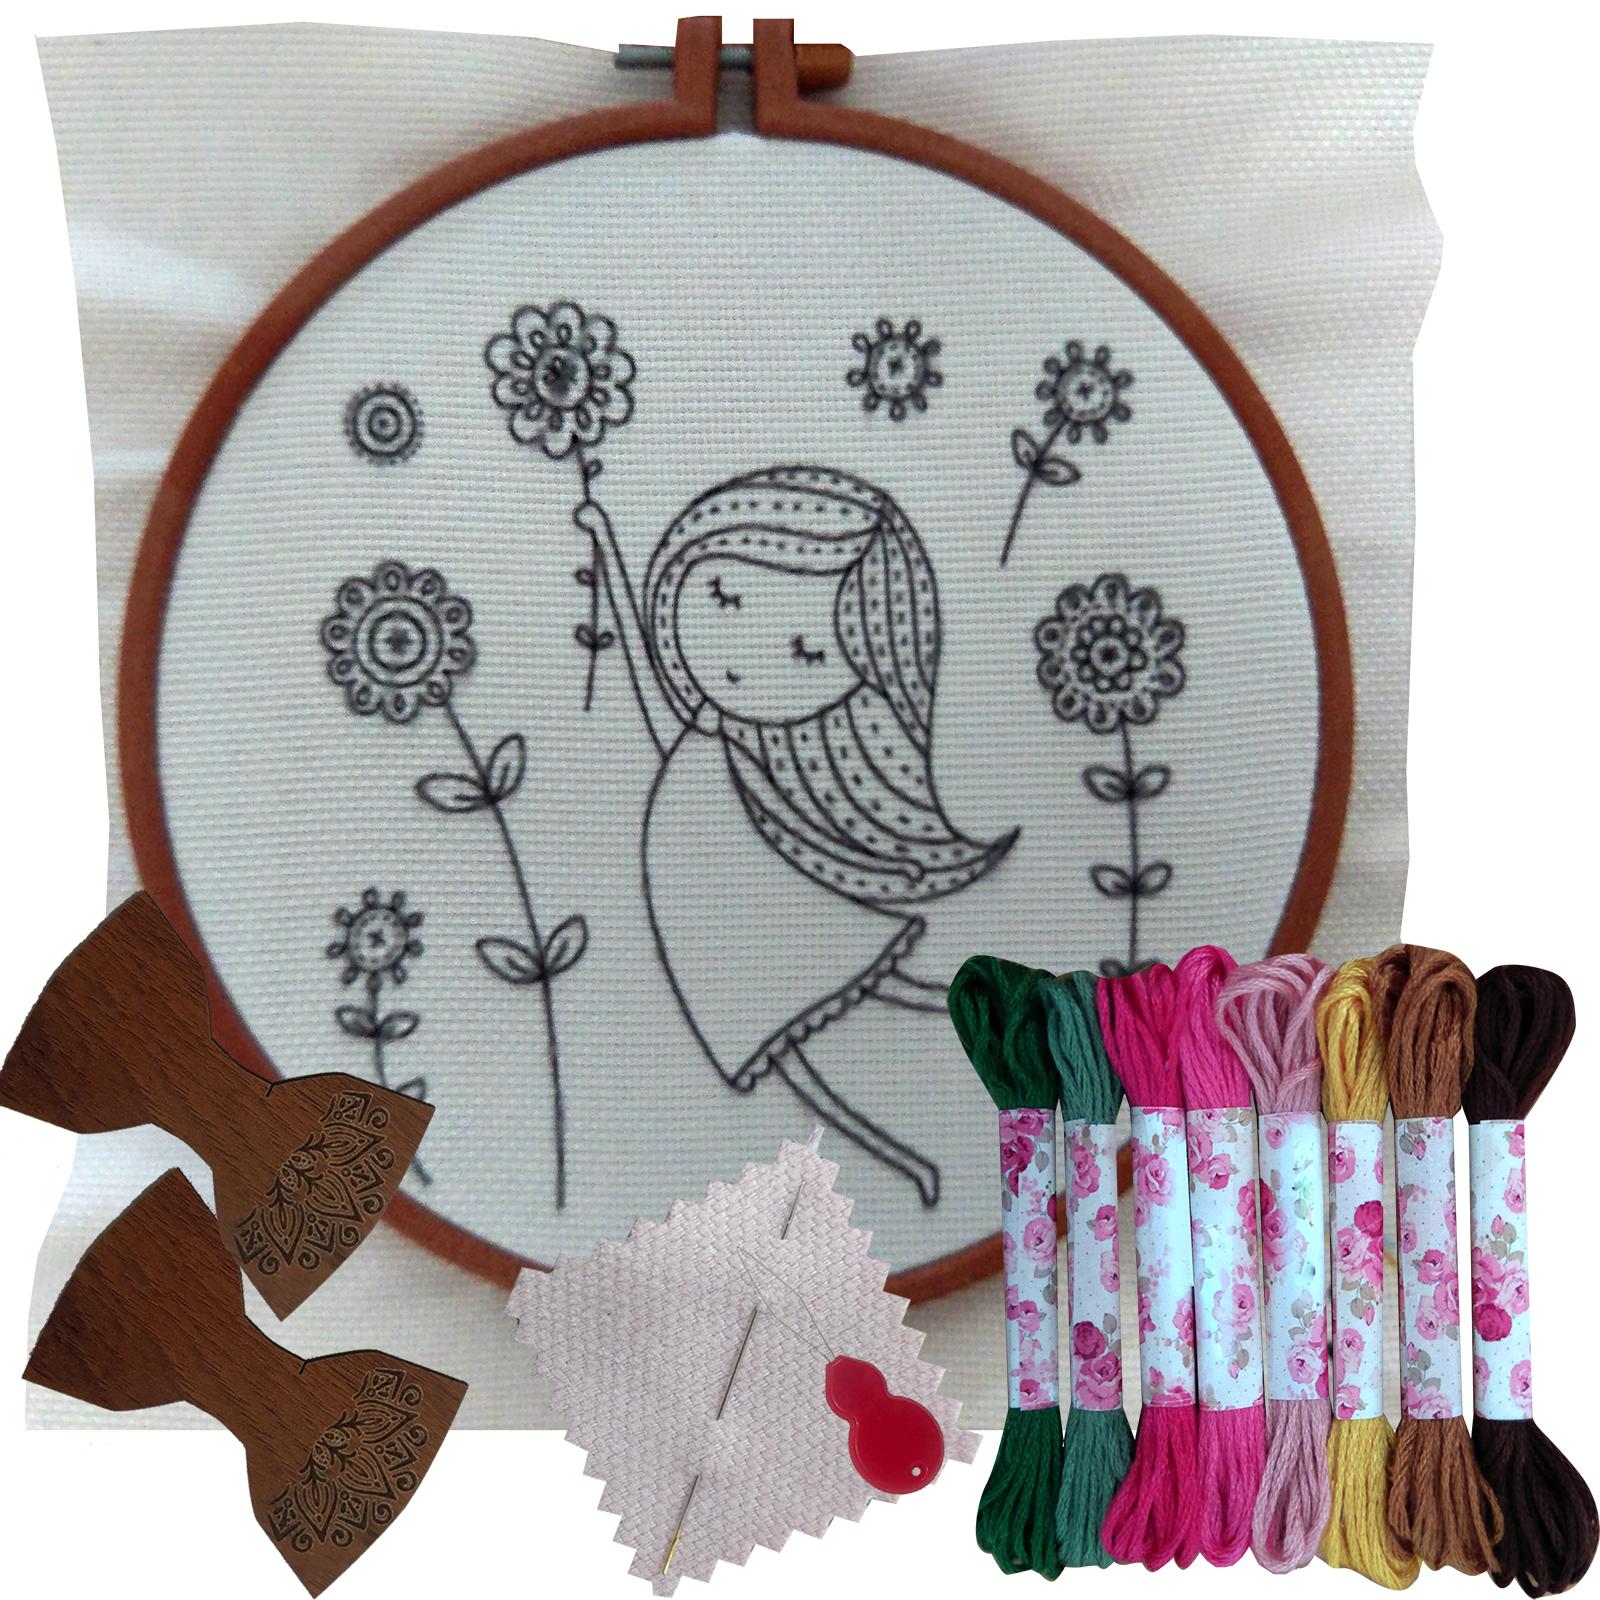 بسته گلدوزی طرح دخترک در باد مجموعه ۱۴ عددی